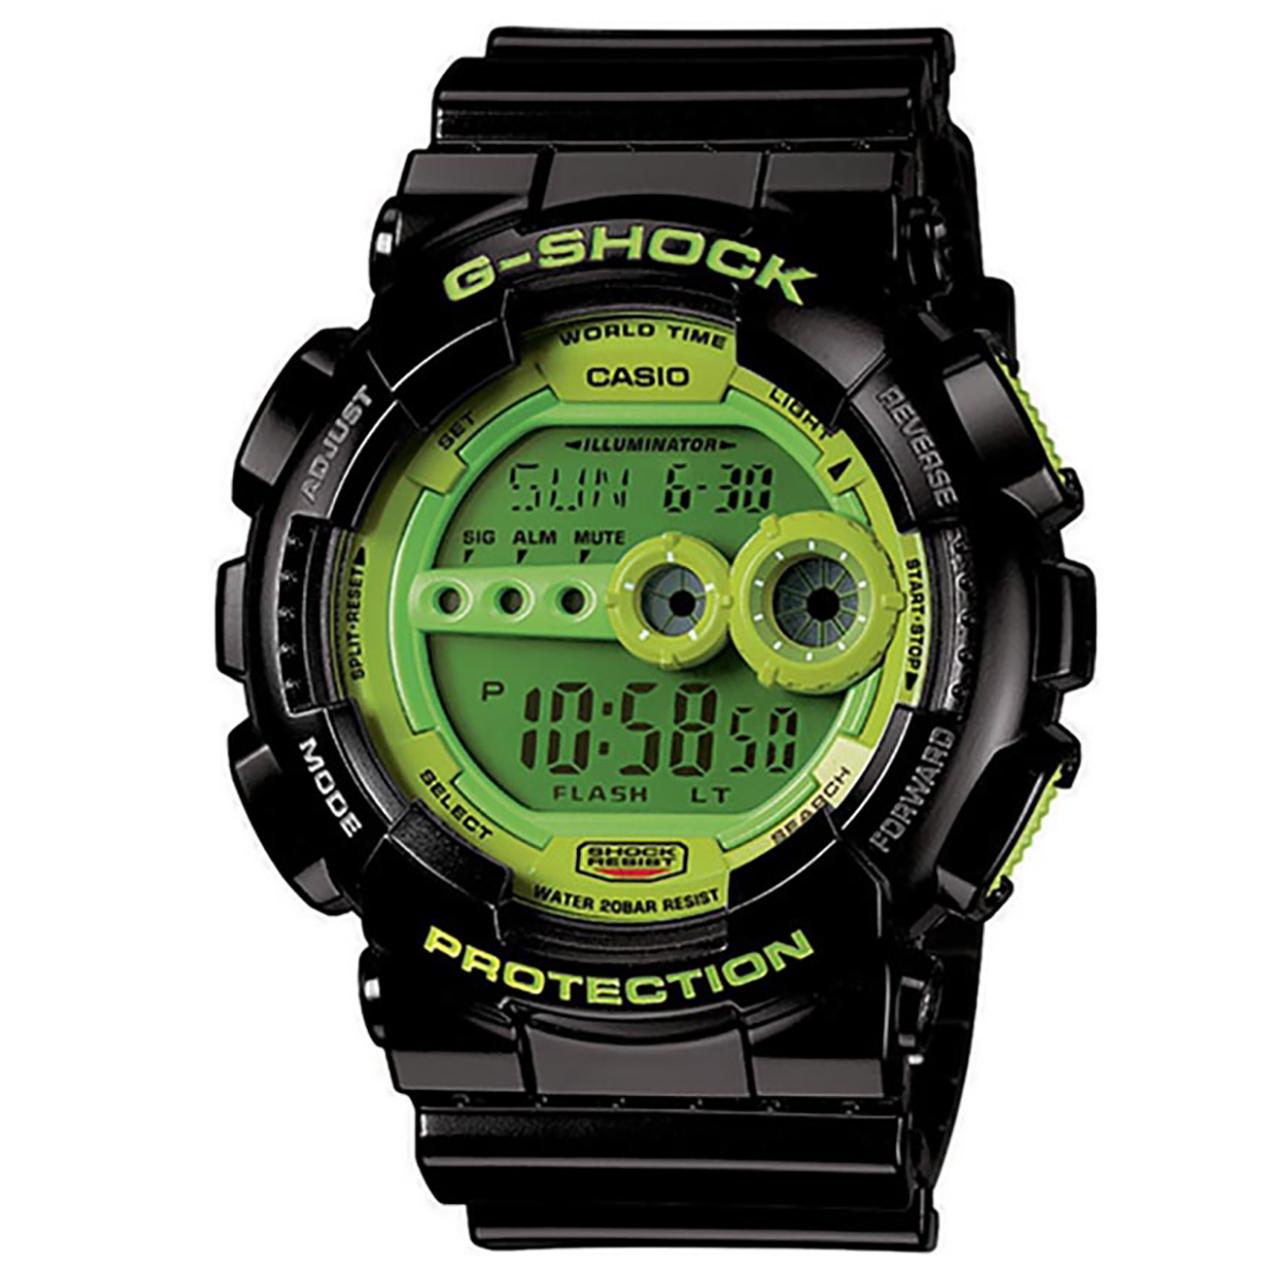 ساعت مچی دیجیتالی کاسیو جی شاک مدل GD-100SC-1DR